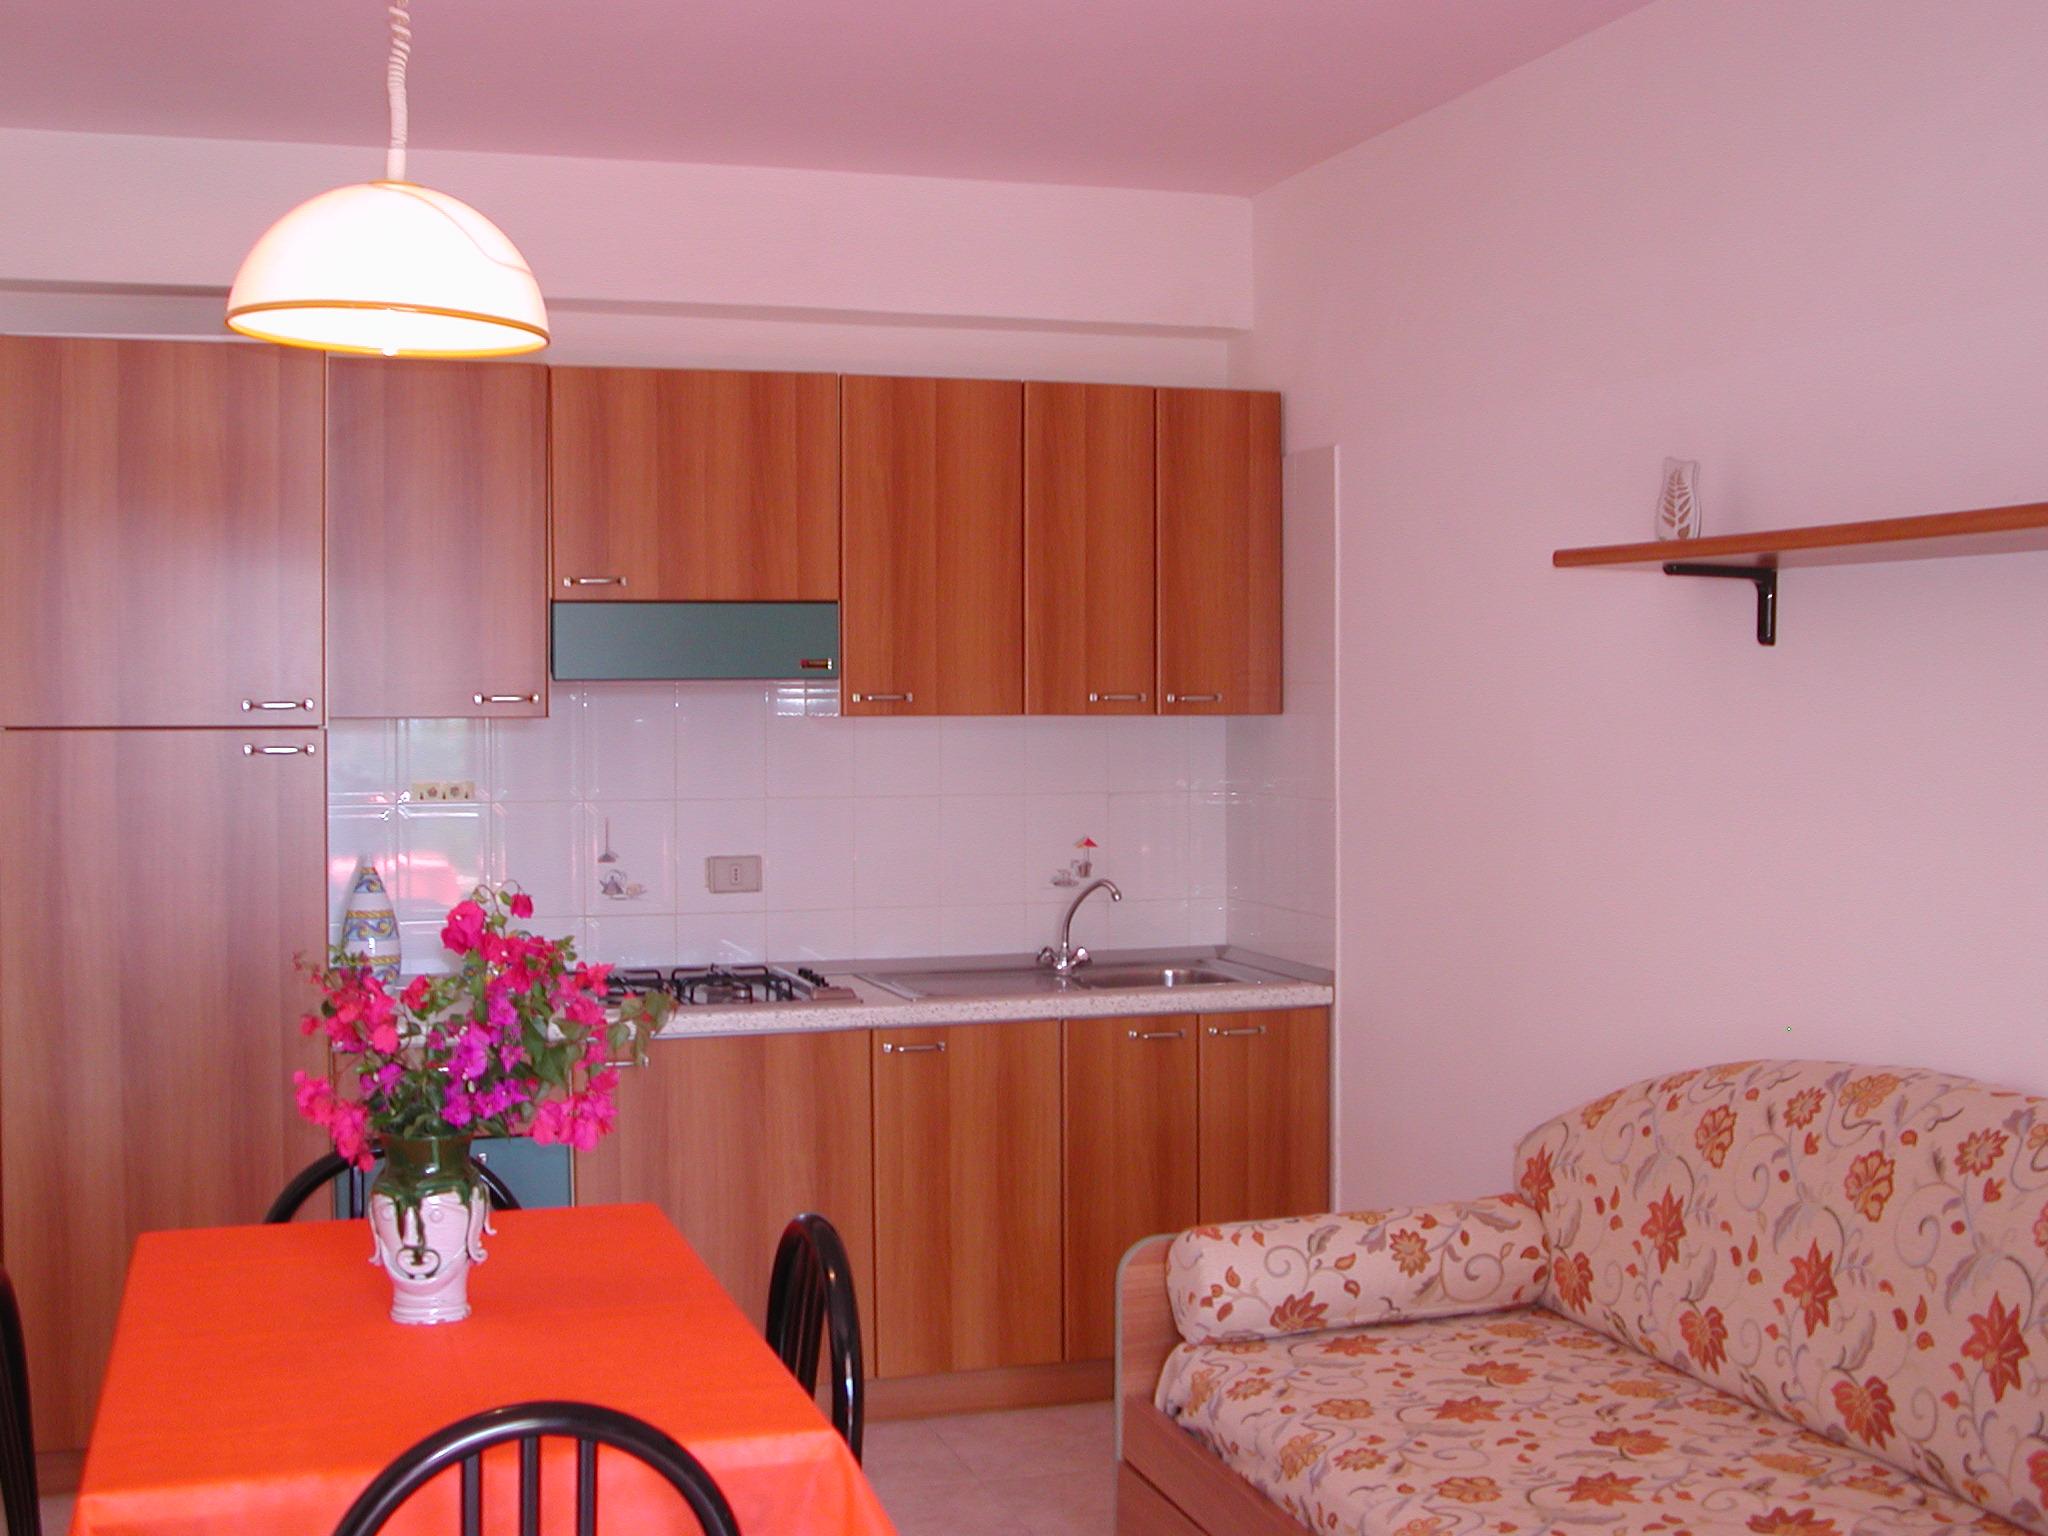 Affitto appartamenti arredati per vacanze al mare a for Affitti appartamenti non arredati